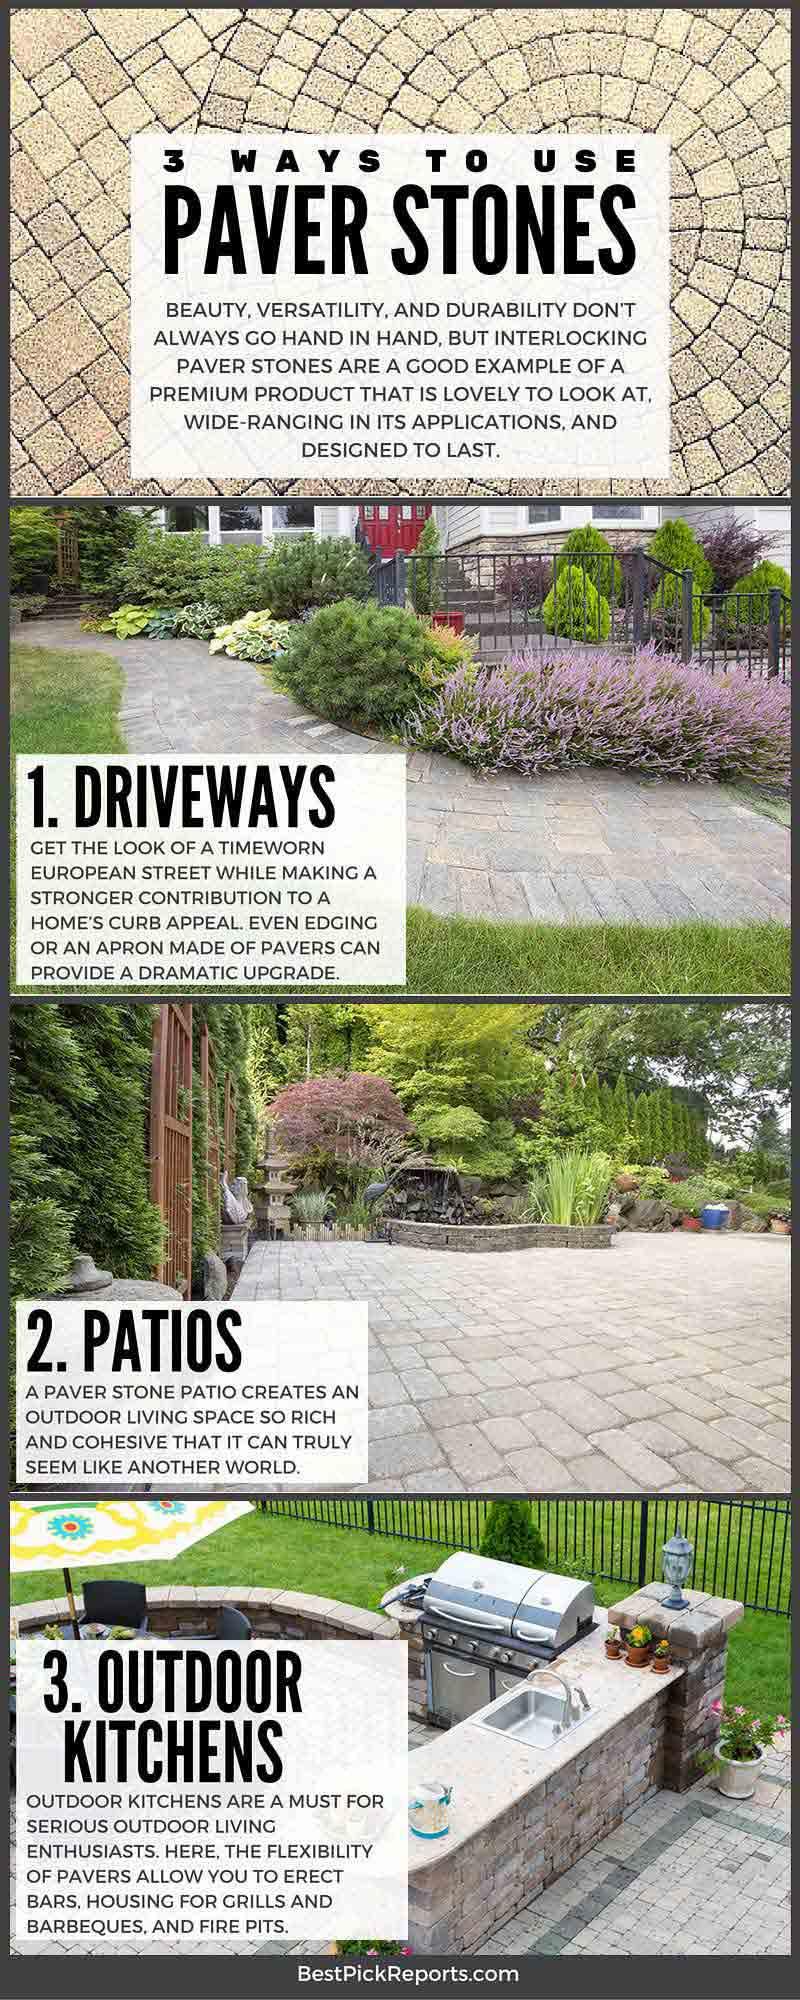 3 Ways to Use Paver Stones